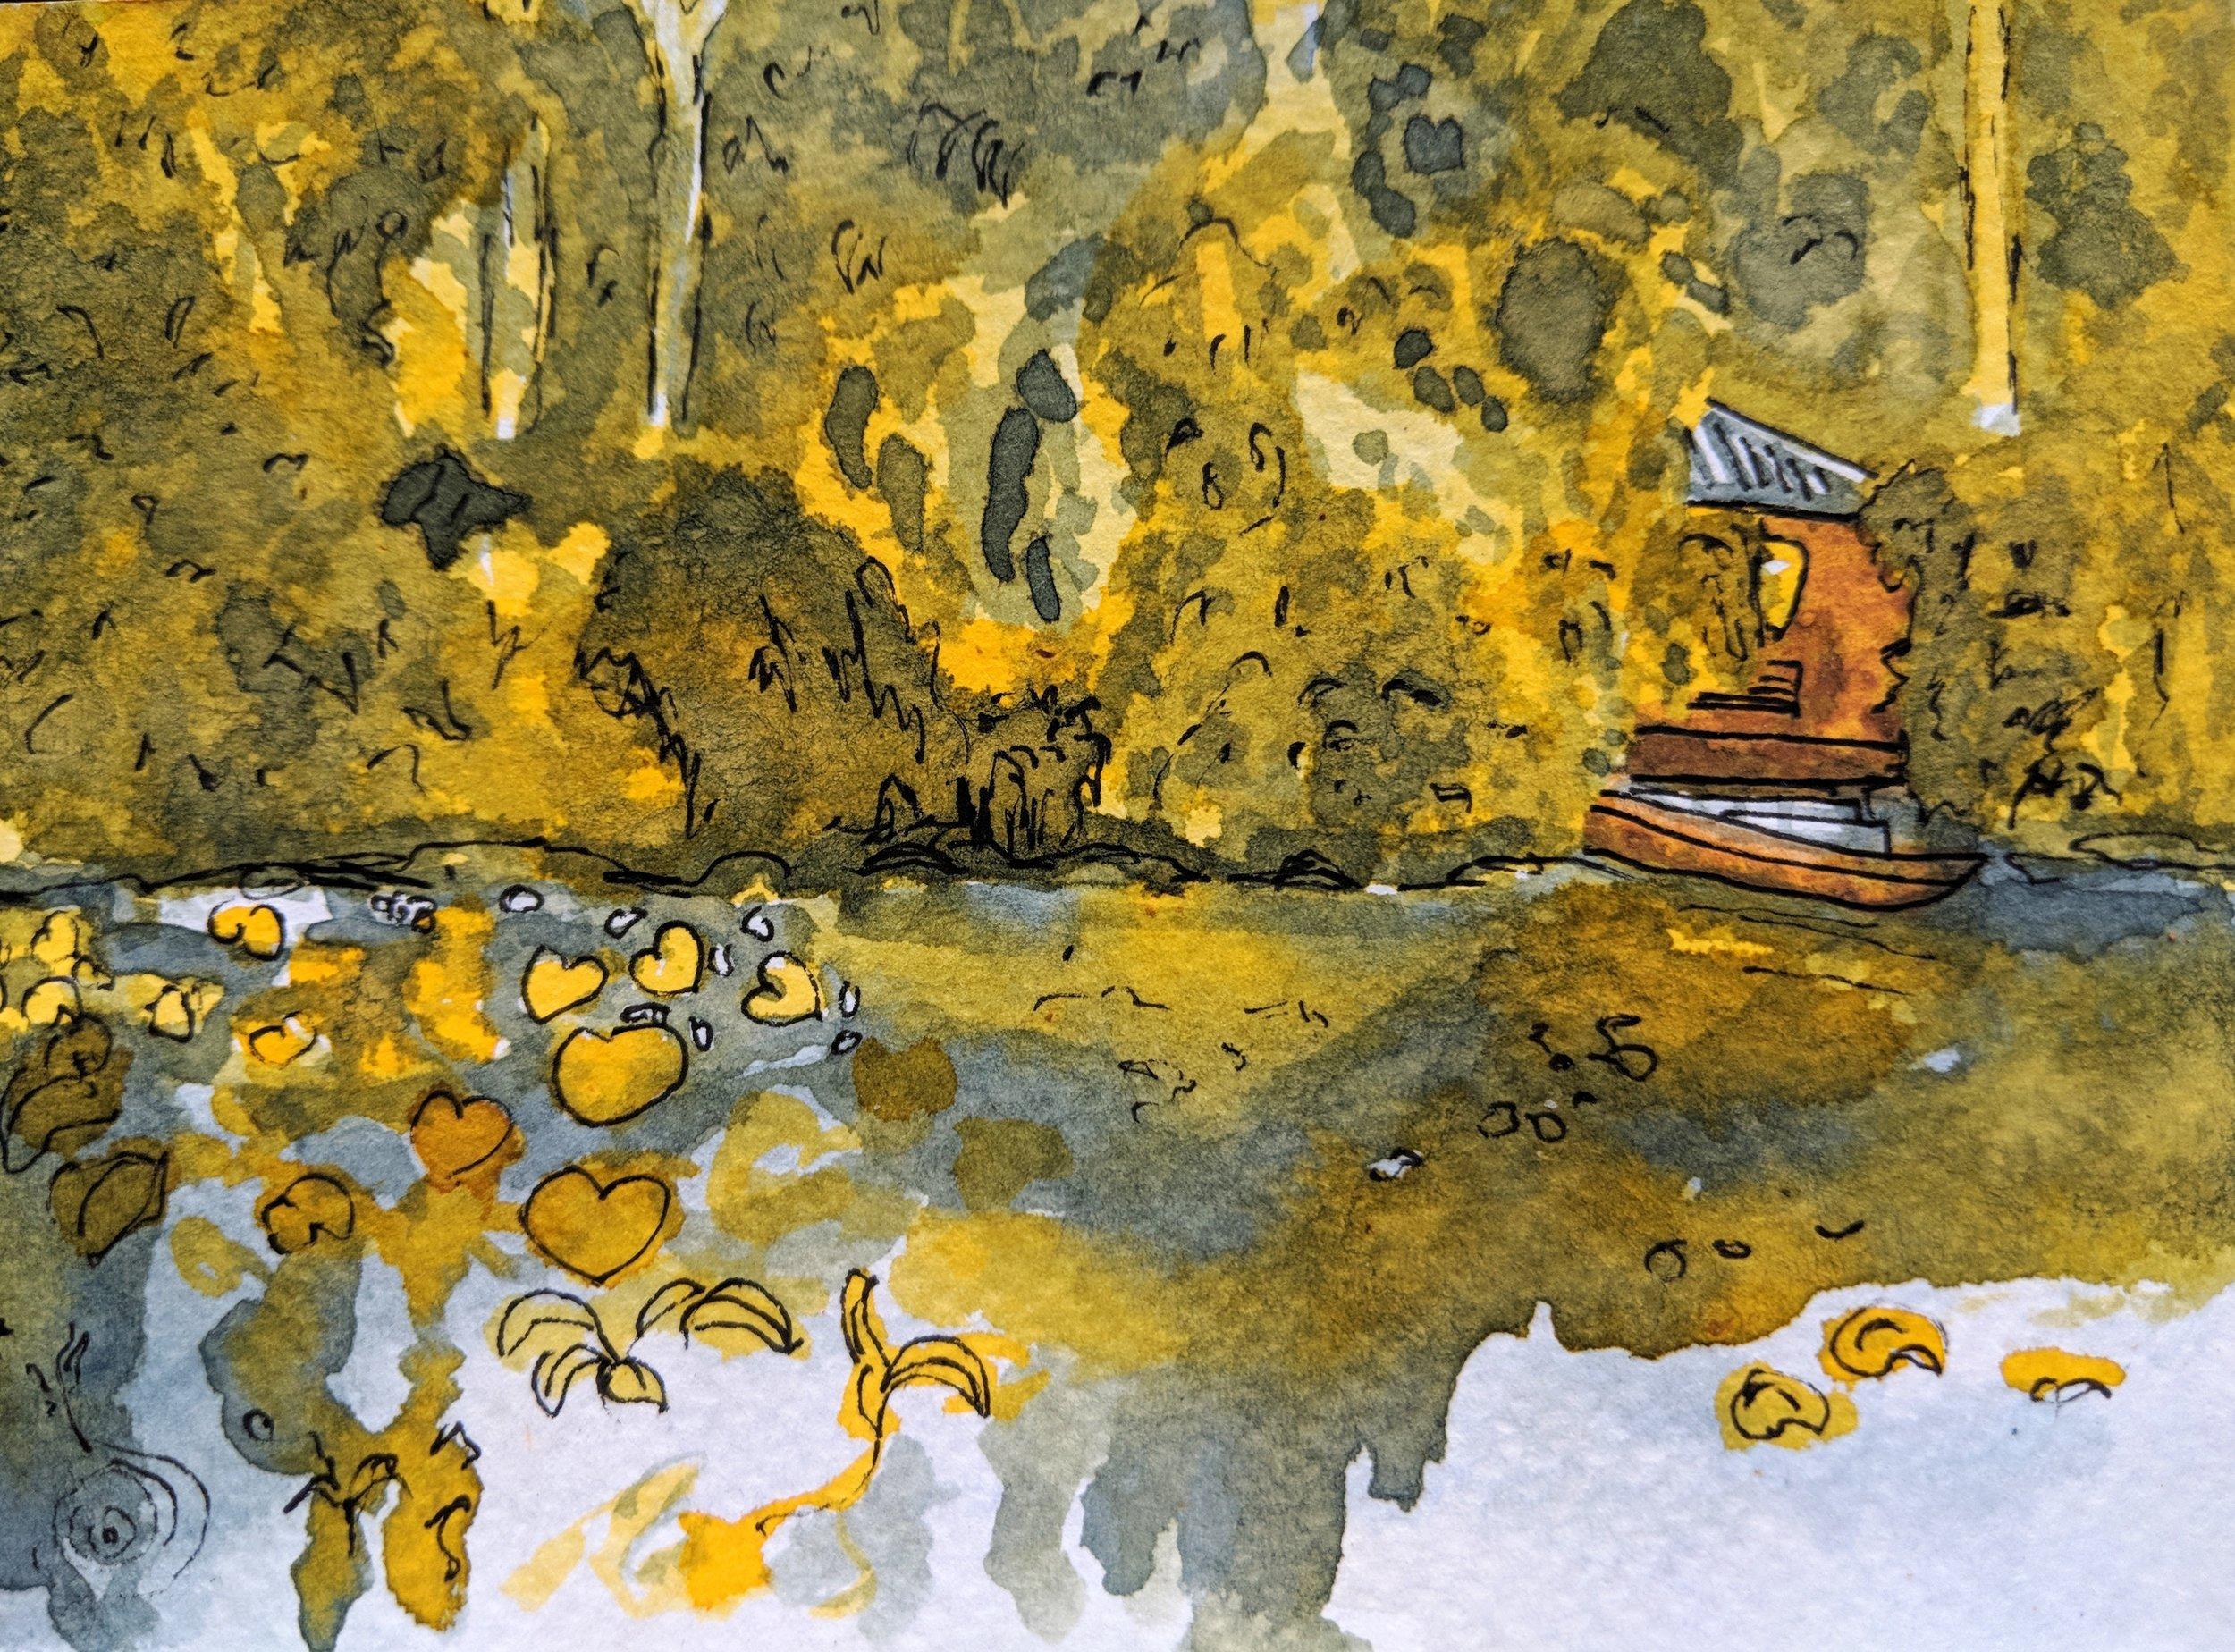 Dragon Pool near Lijiang painted with indigo dye, gardenia dye, soil and pen.